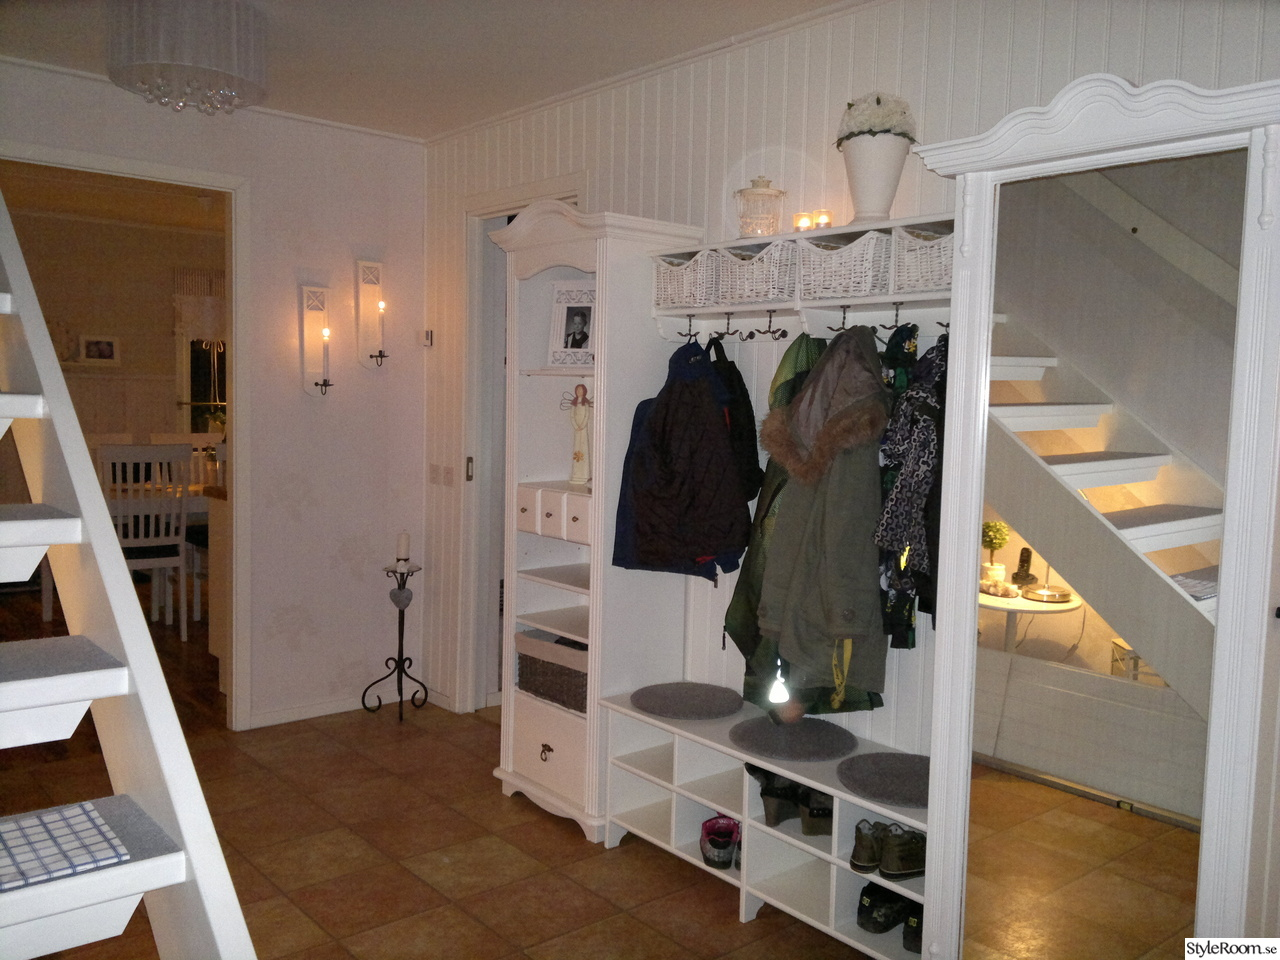 min r tt s nyrenoverade hall ett inredningsalbum p styleroom av lilla e. Black Bedroom Furniture Sets. Home Design Ideas